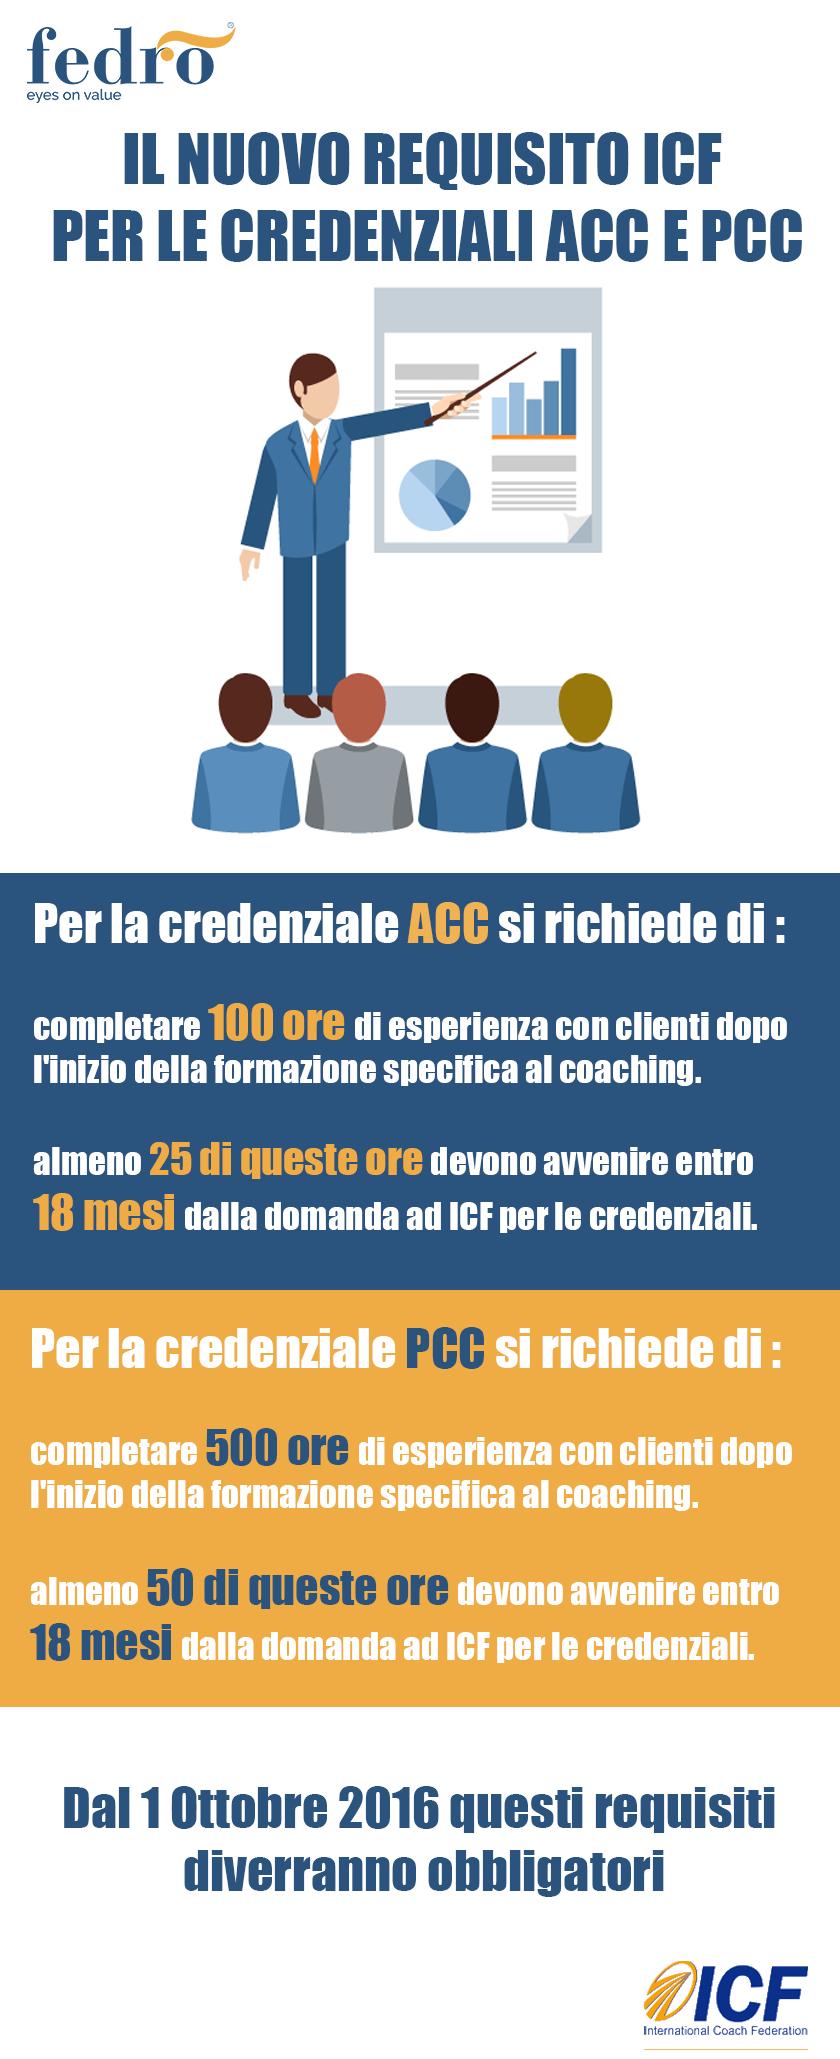 Infografica sul nuovo requisito ICF